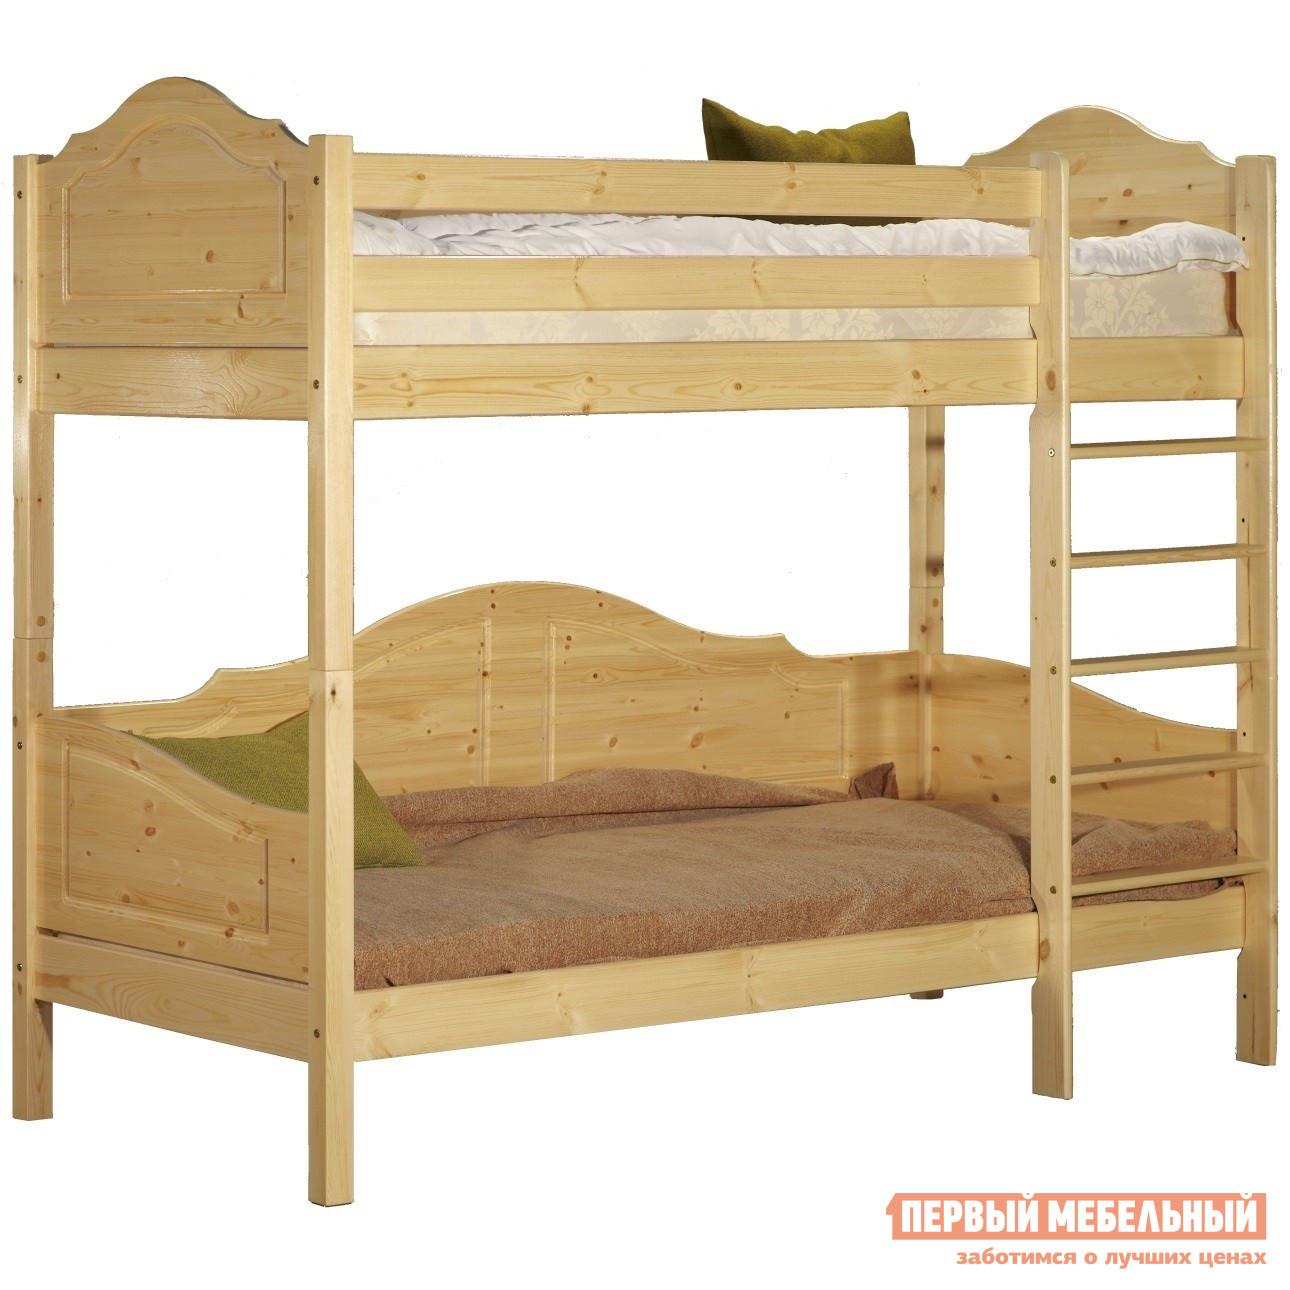 Двухъярусная кровать Timberica Кровать 2-ярусная Кая (K3) детская кровать timberica кровать фрея 2 детская